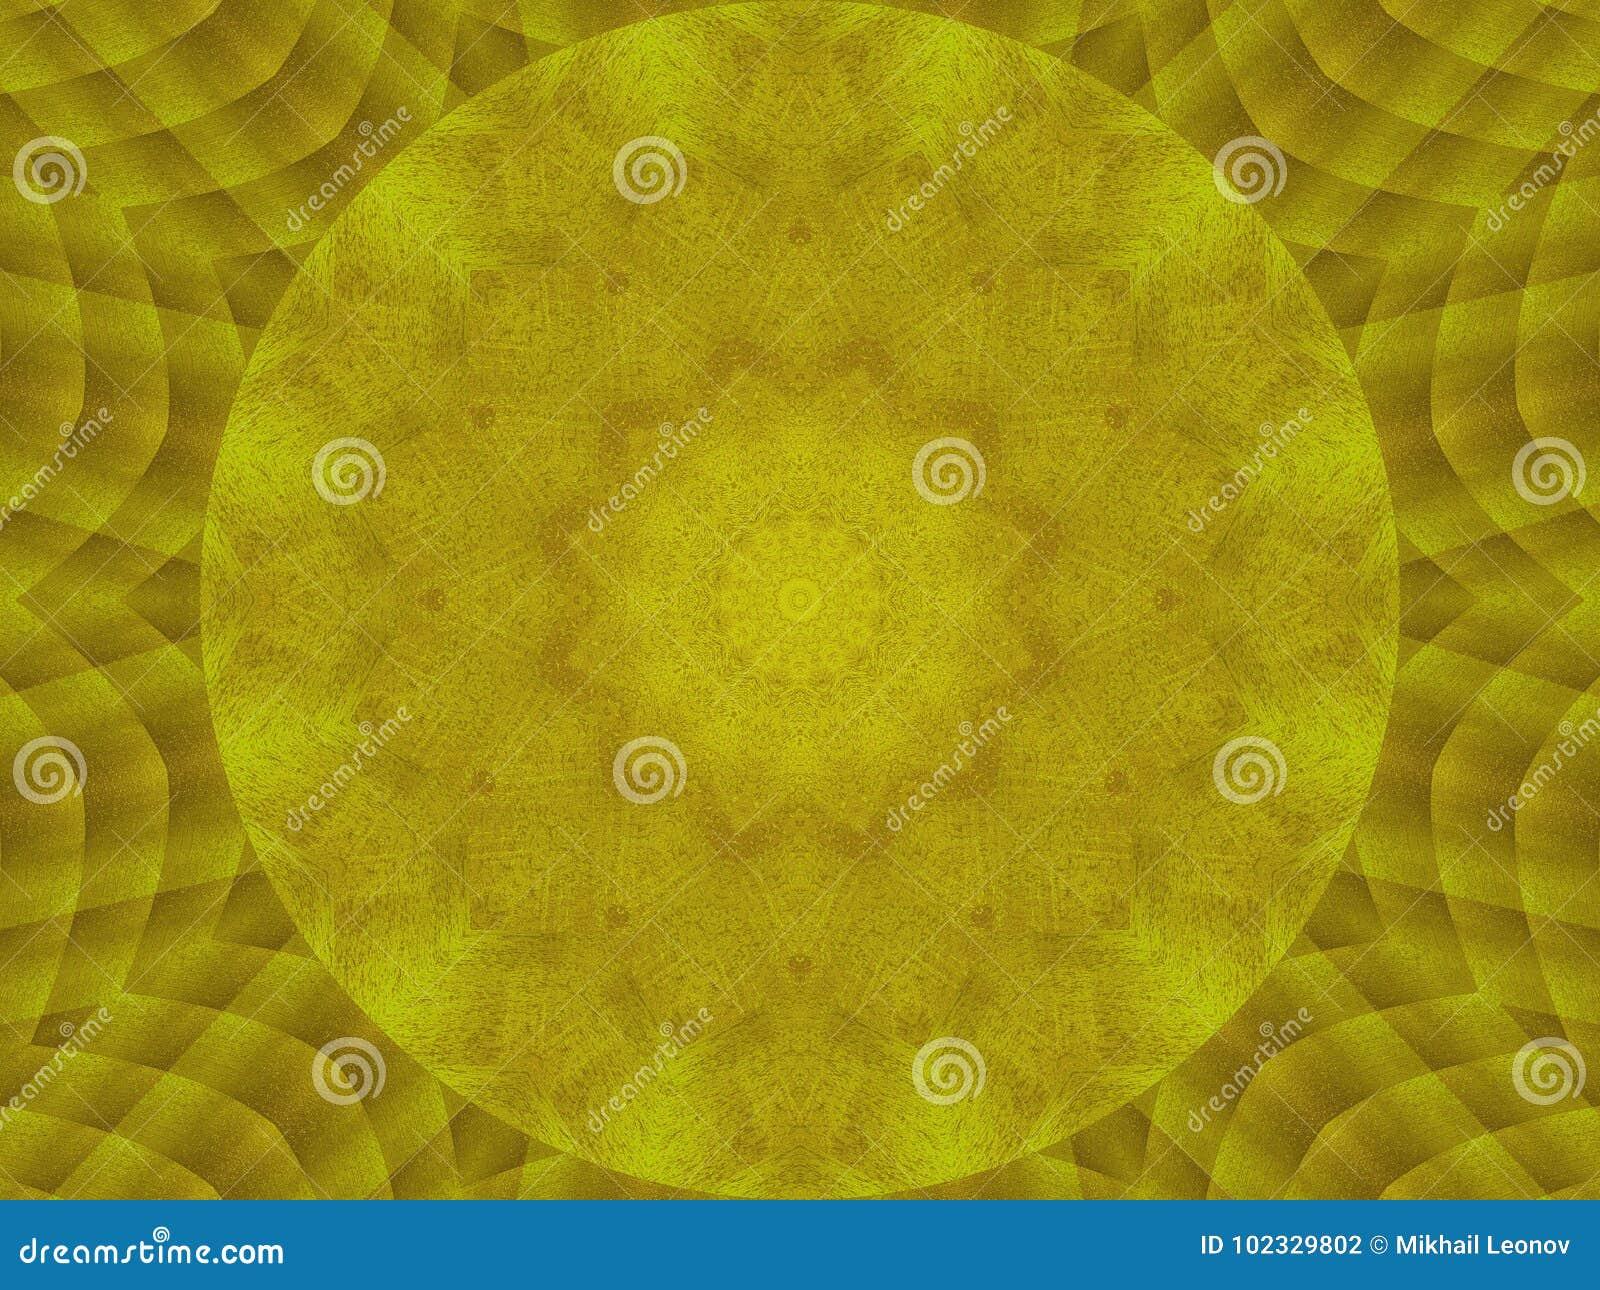 Fondo redondo del metal de la textura del caleidoscopio del extracto de oro del modelo Fondo abstracto de la textura del caleidos